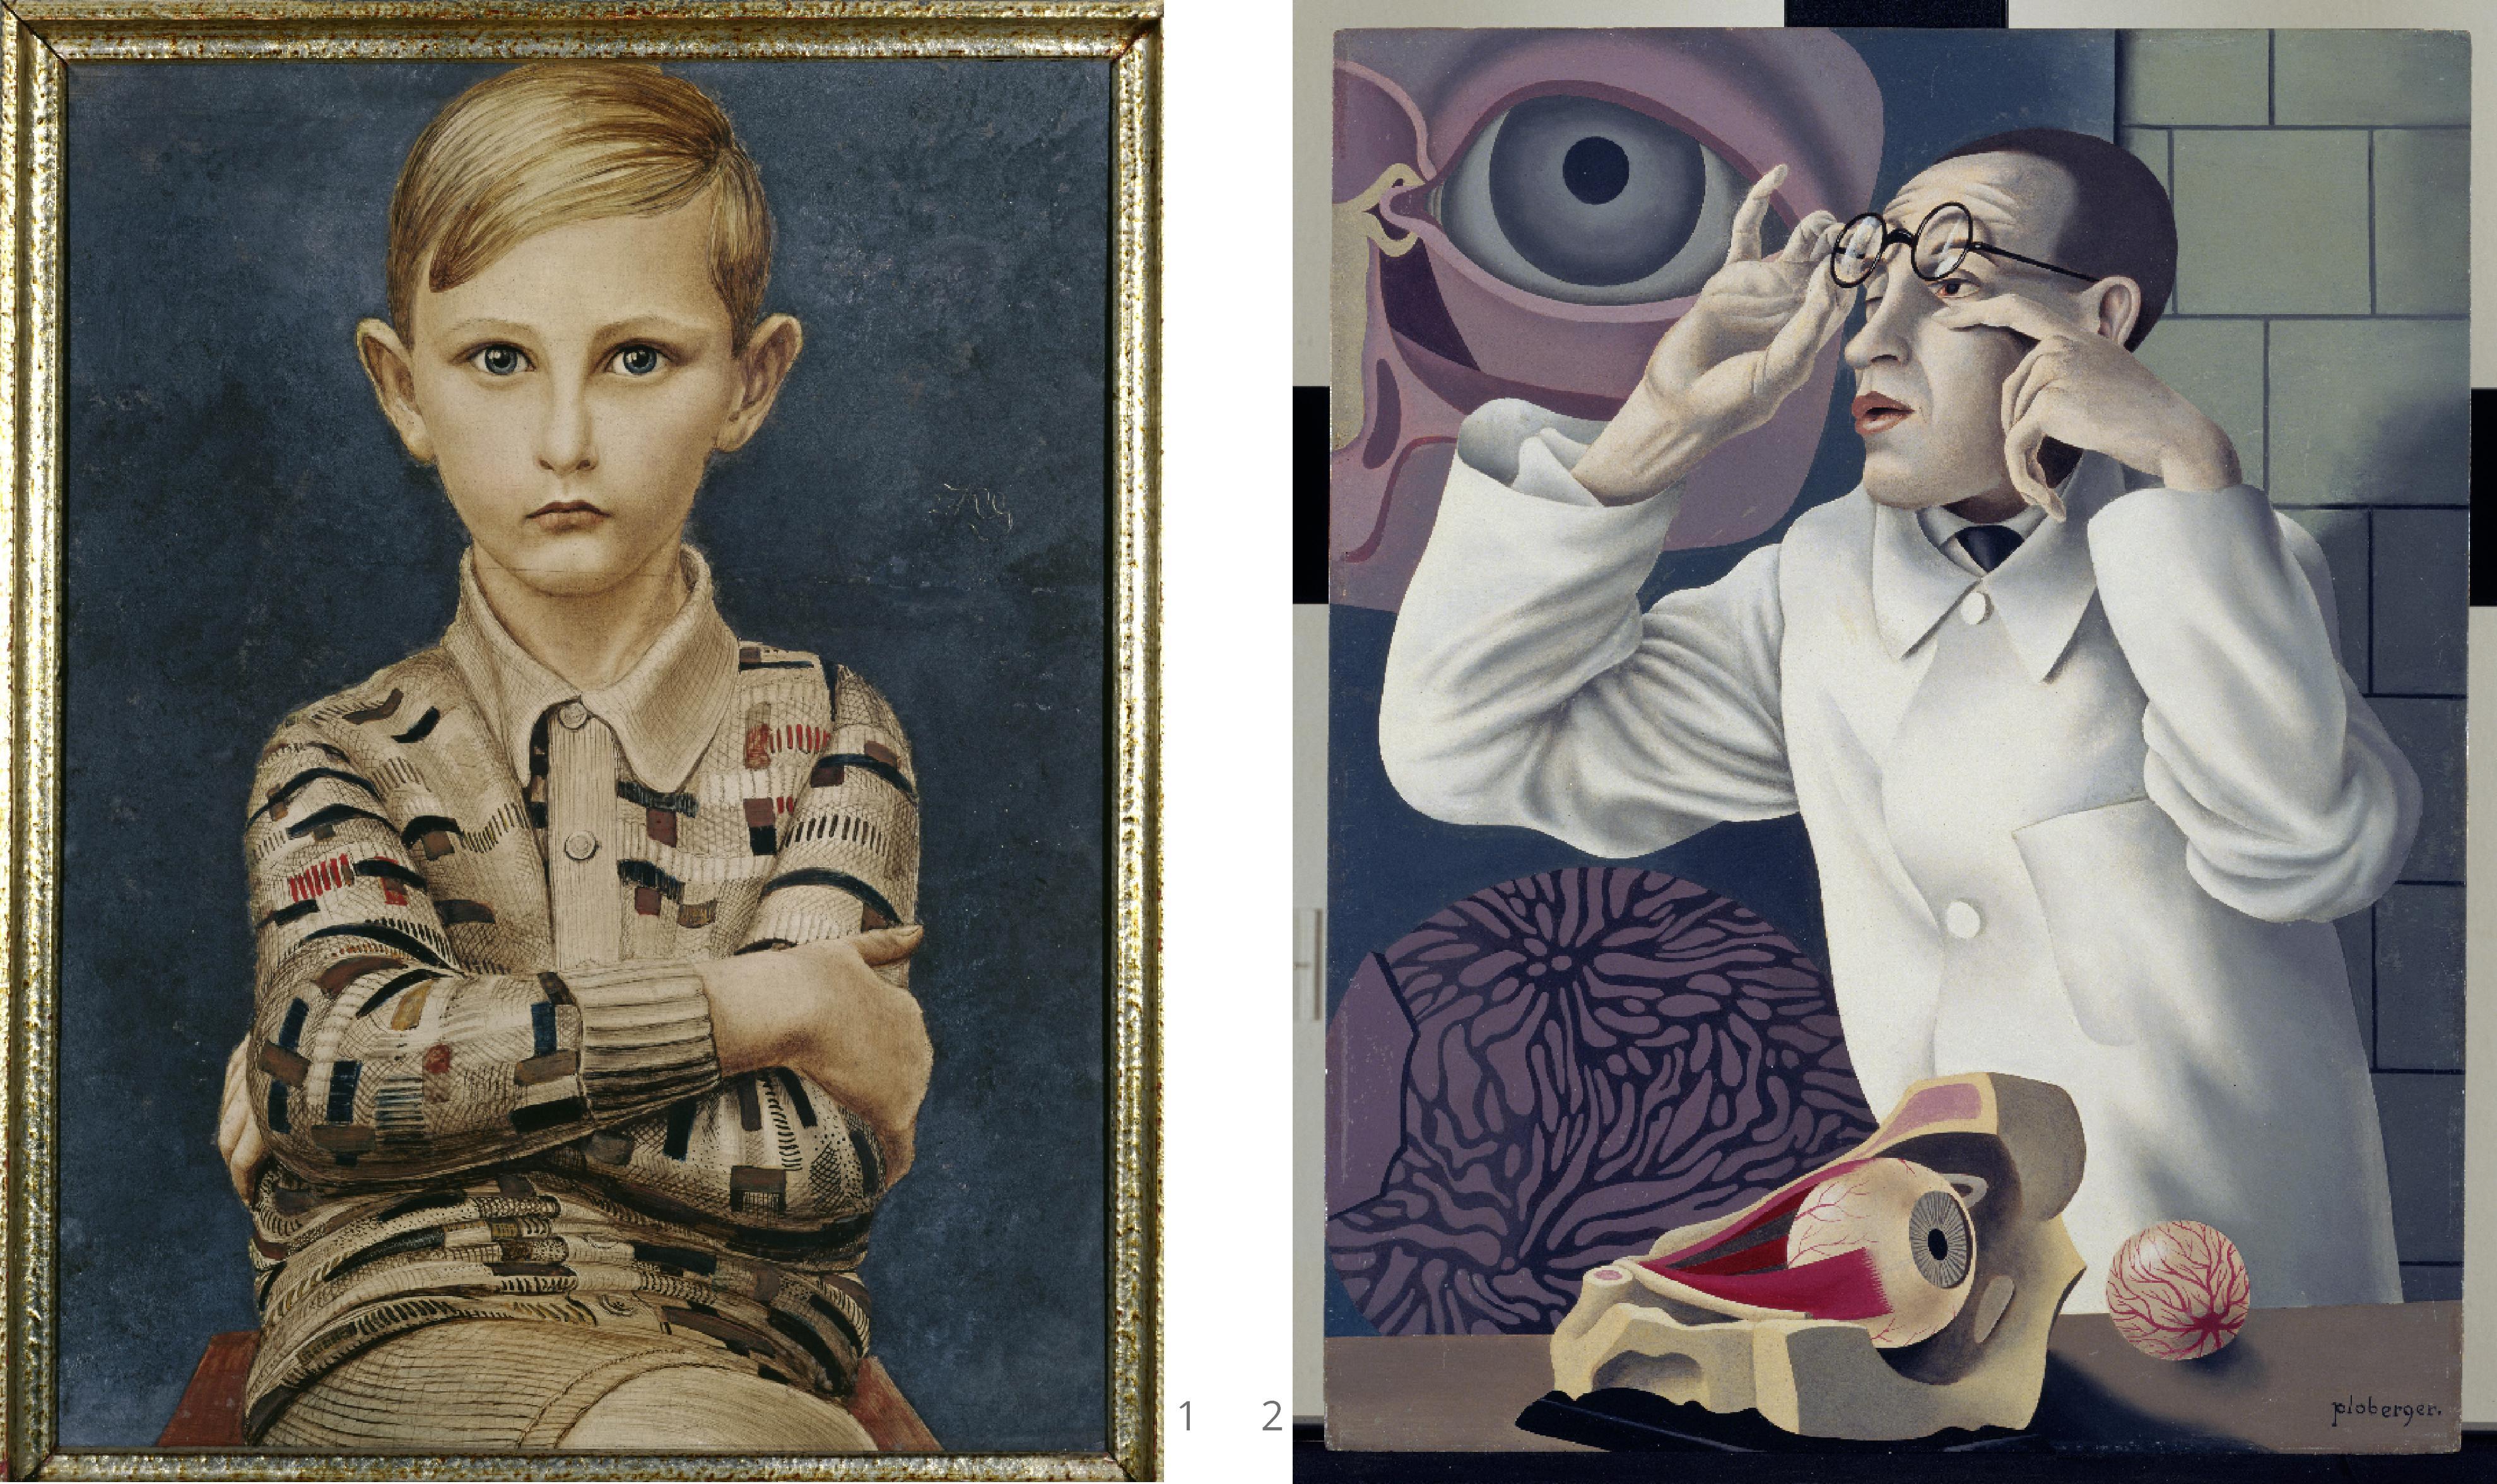 kurt gunter portrait of a boy_herbert ploberger self portrait with ophthalmological models